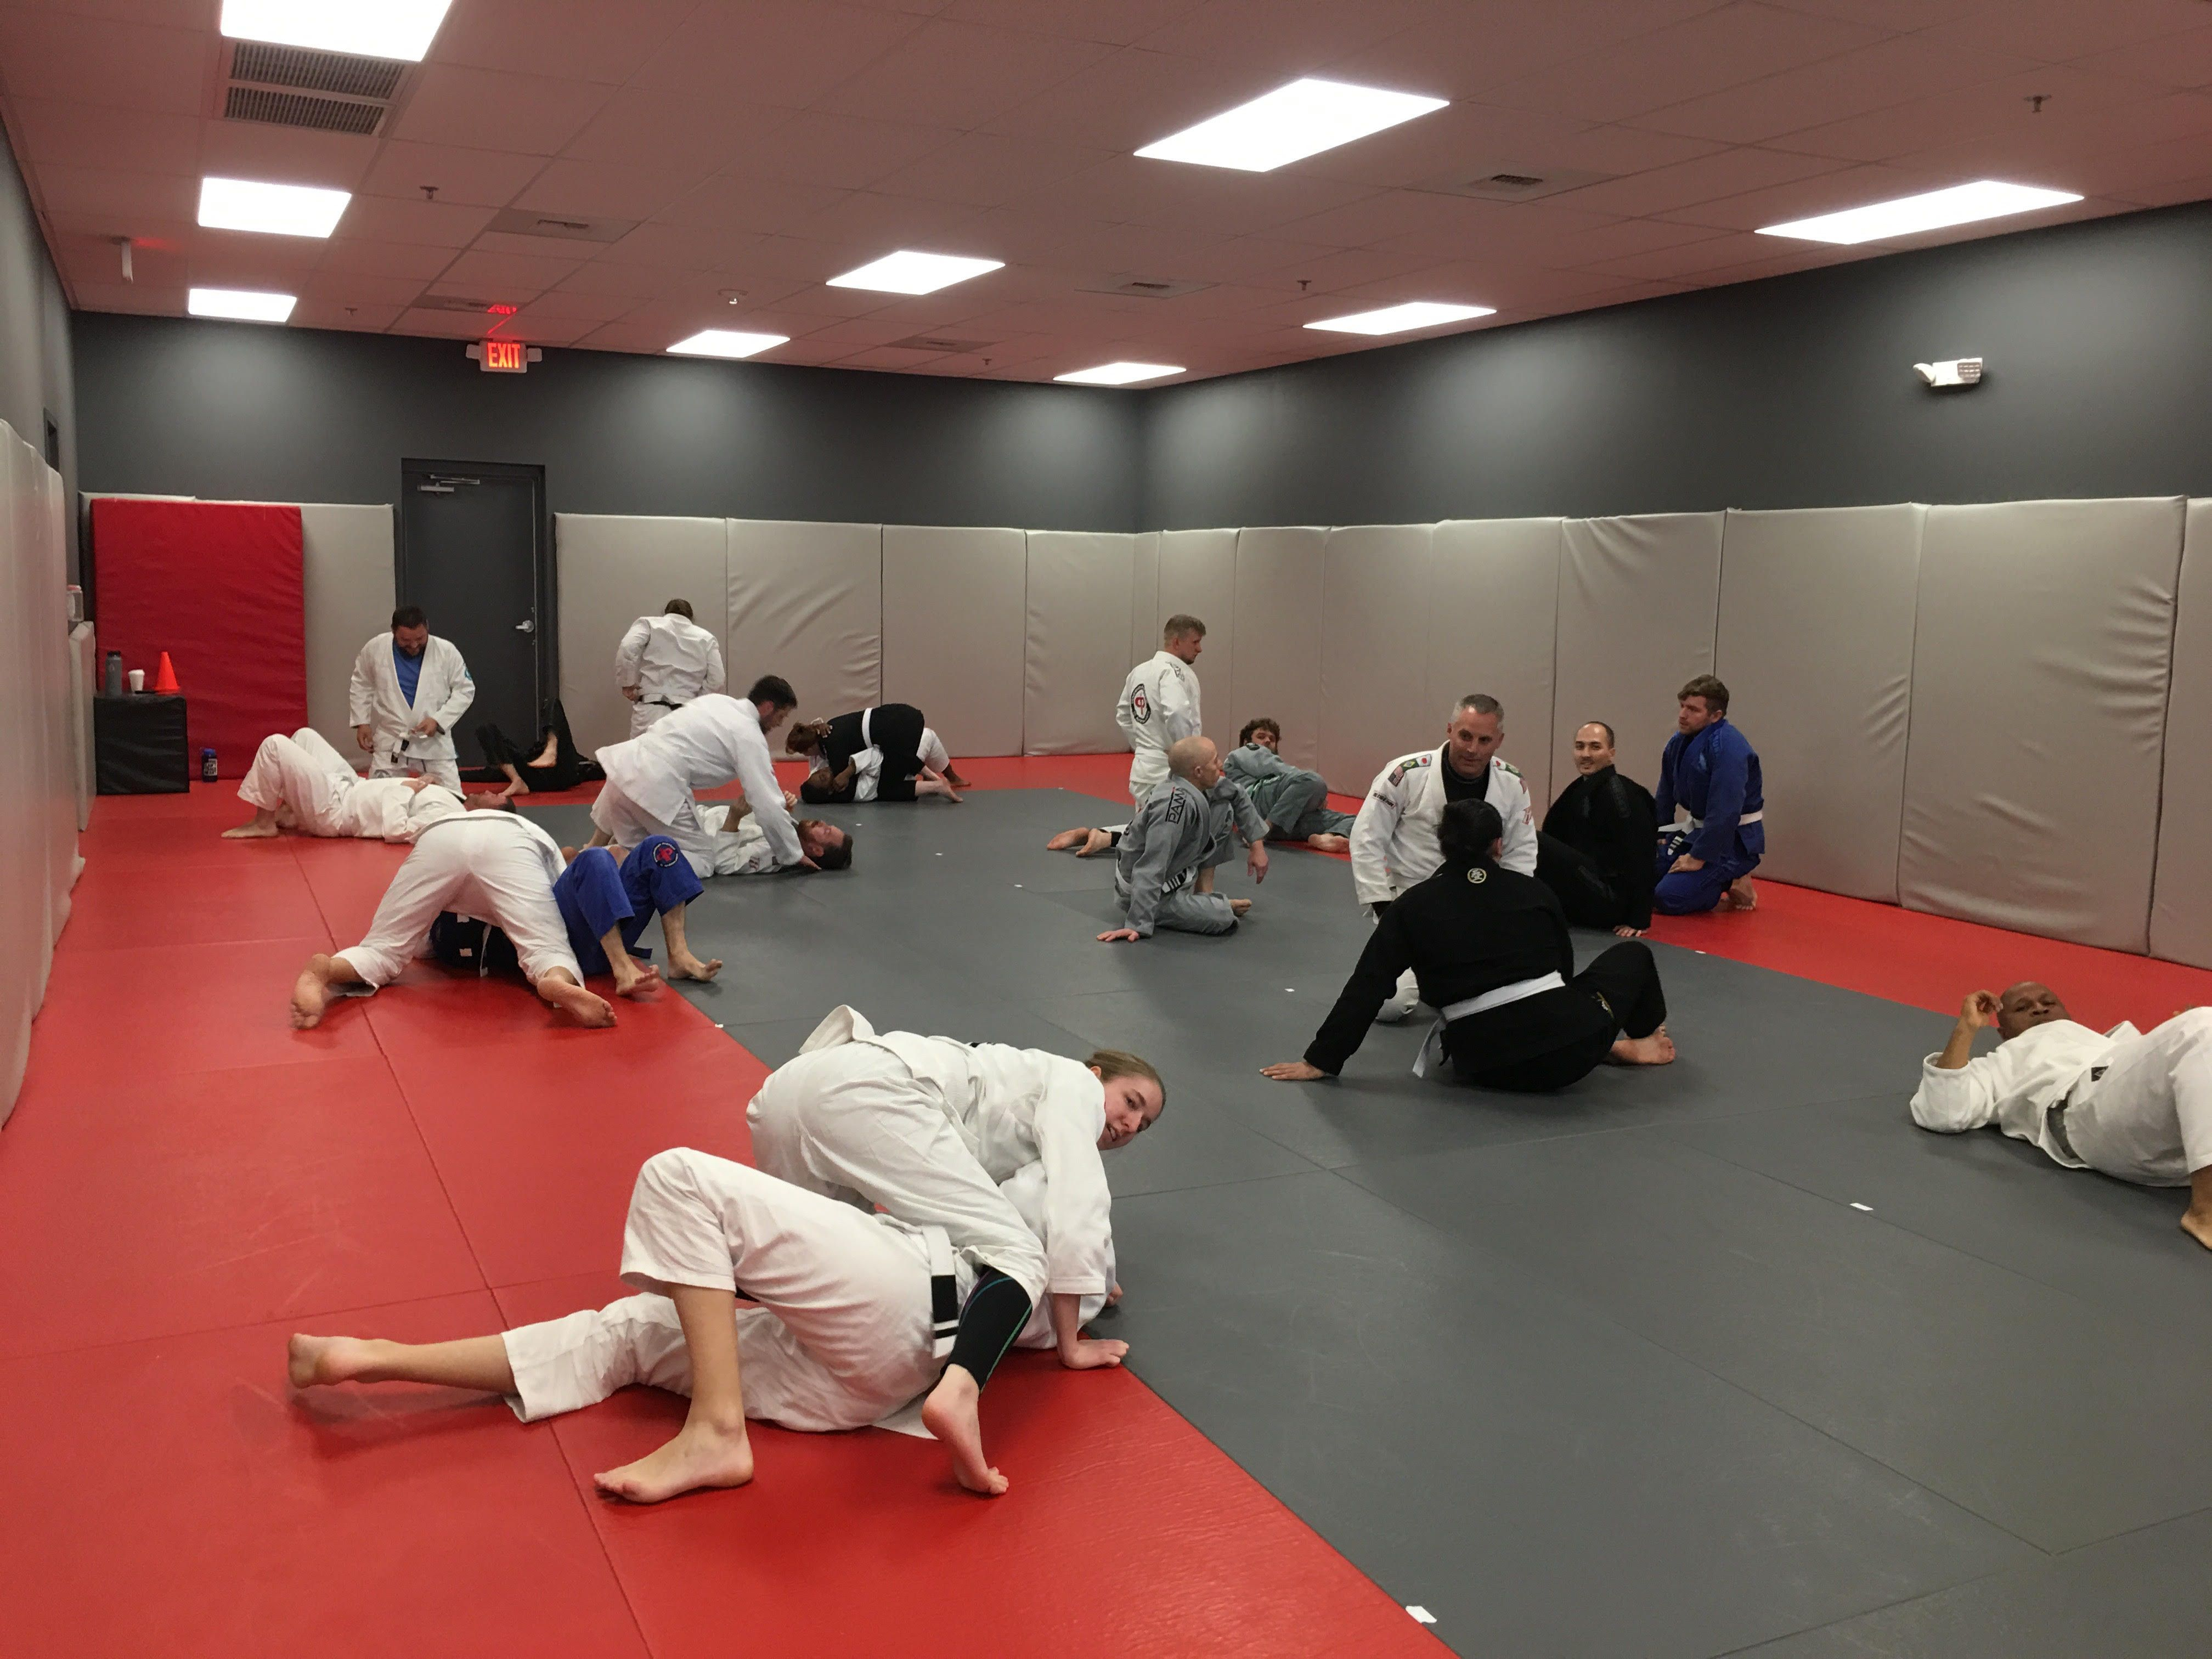 Bjj 101 For Beginners Pama Academy Of Martial Arts Martial Arts Workout Brazilian Jiu Jitsu